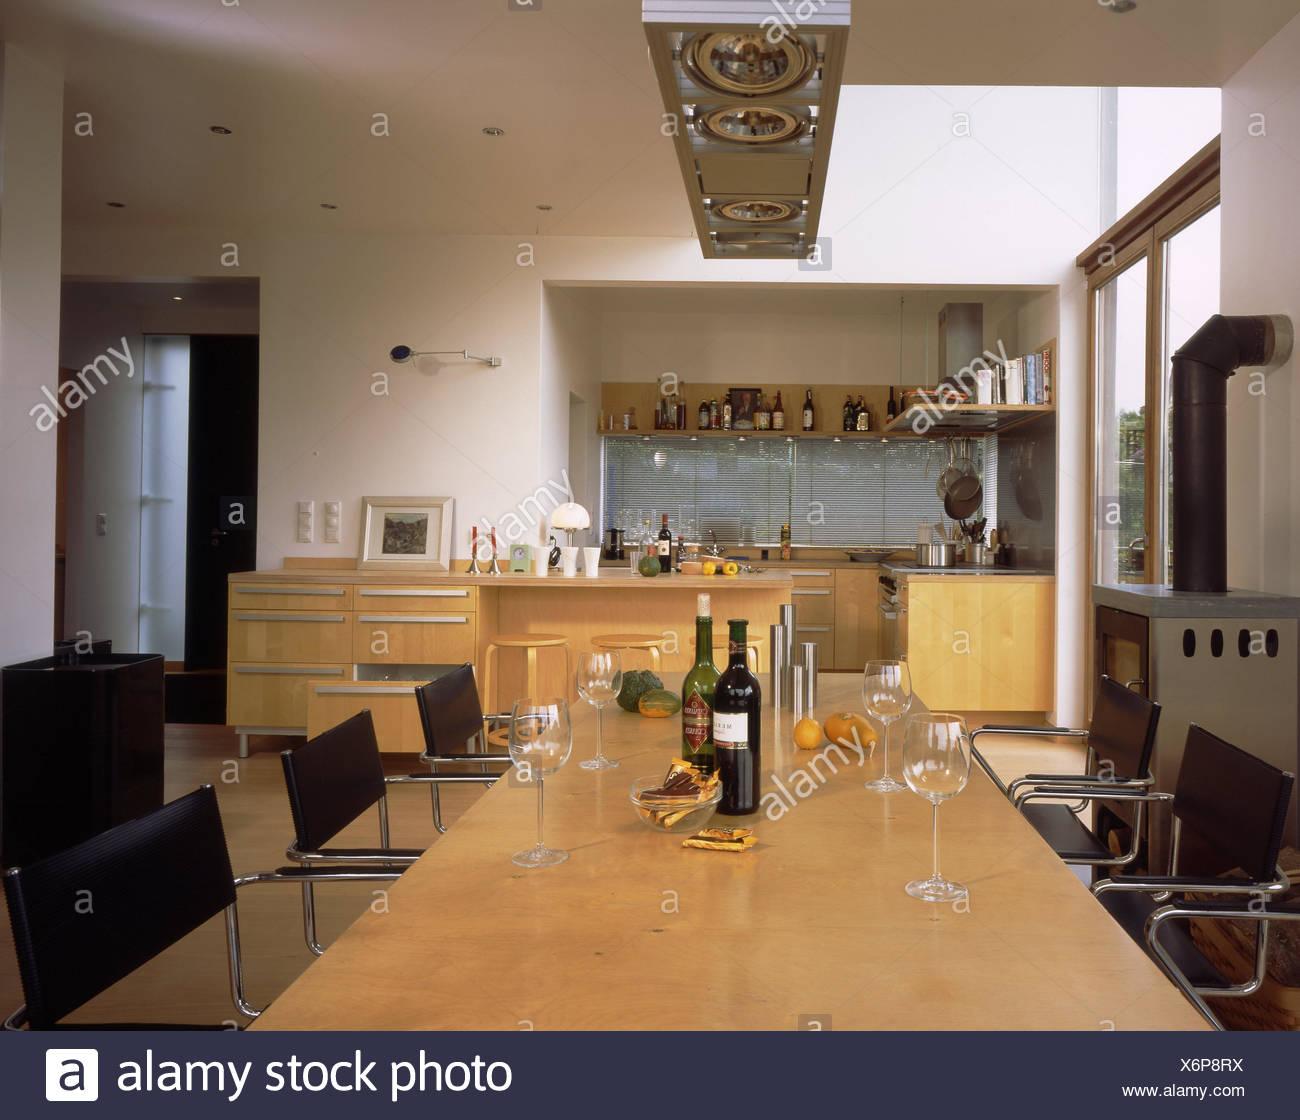 Wohnhaus, Küche-Wohnzimmer, Küche, Küchenblock, kulinarische ...